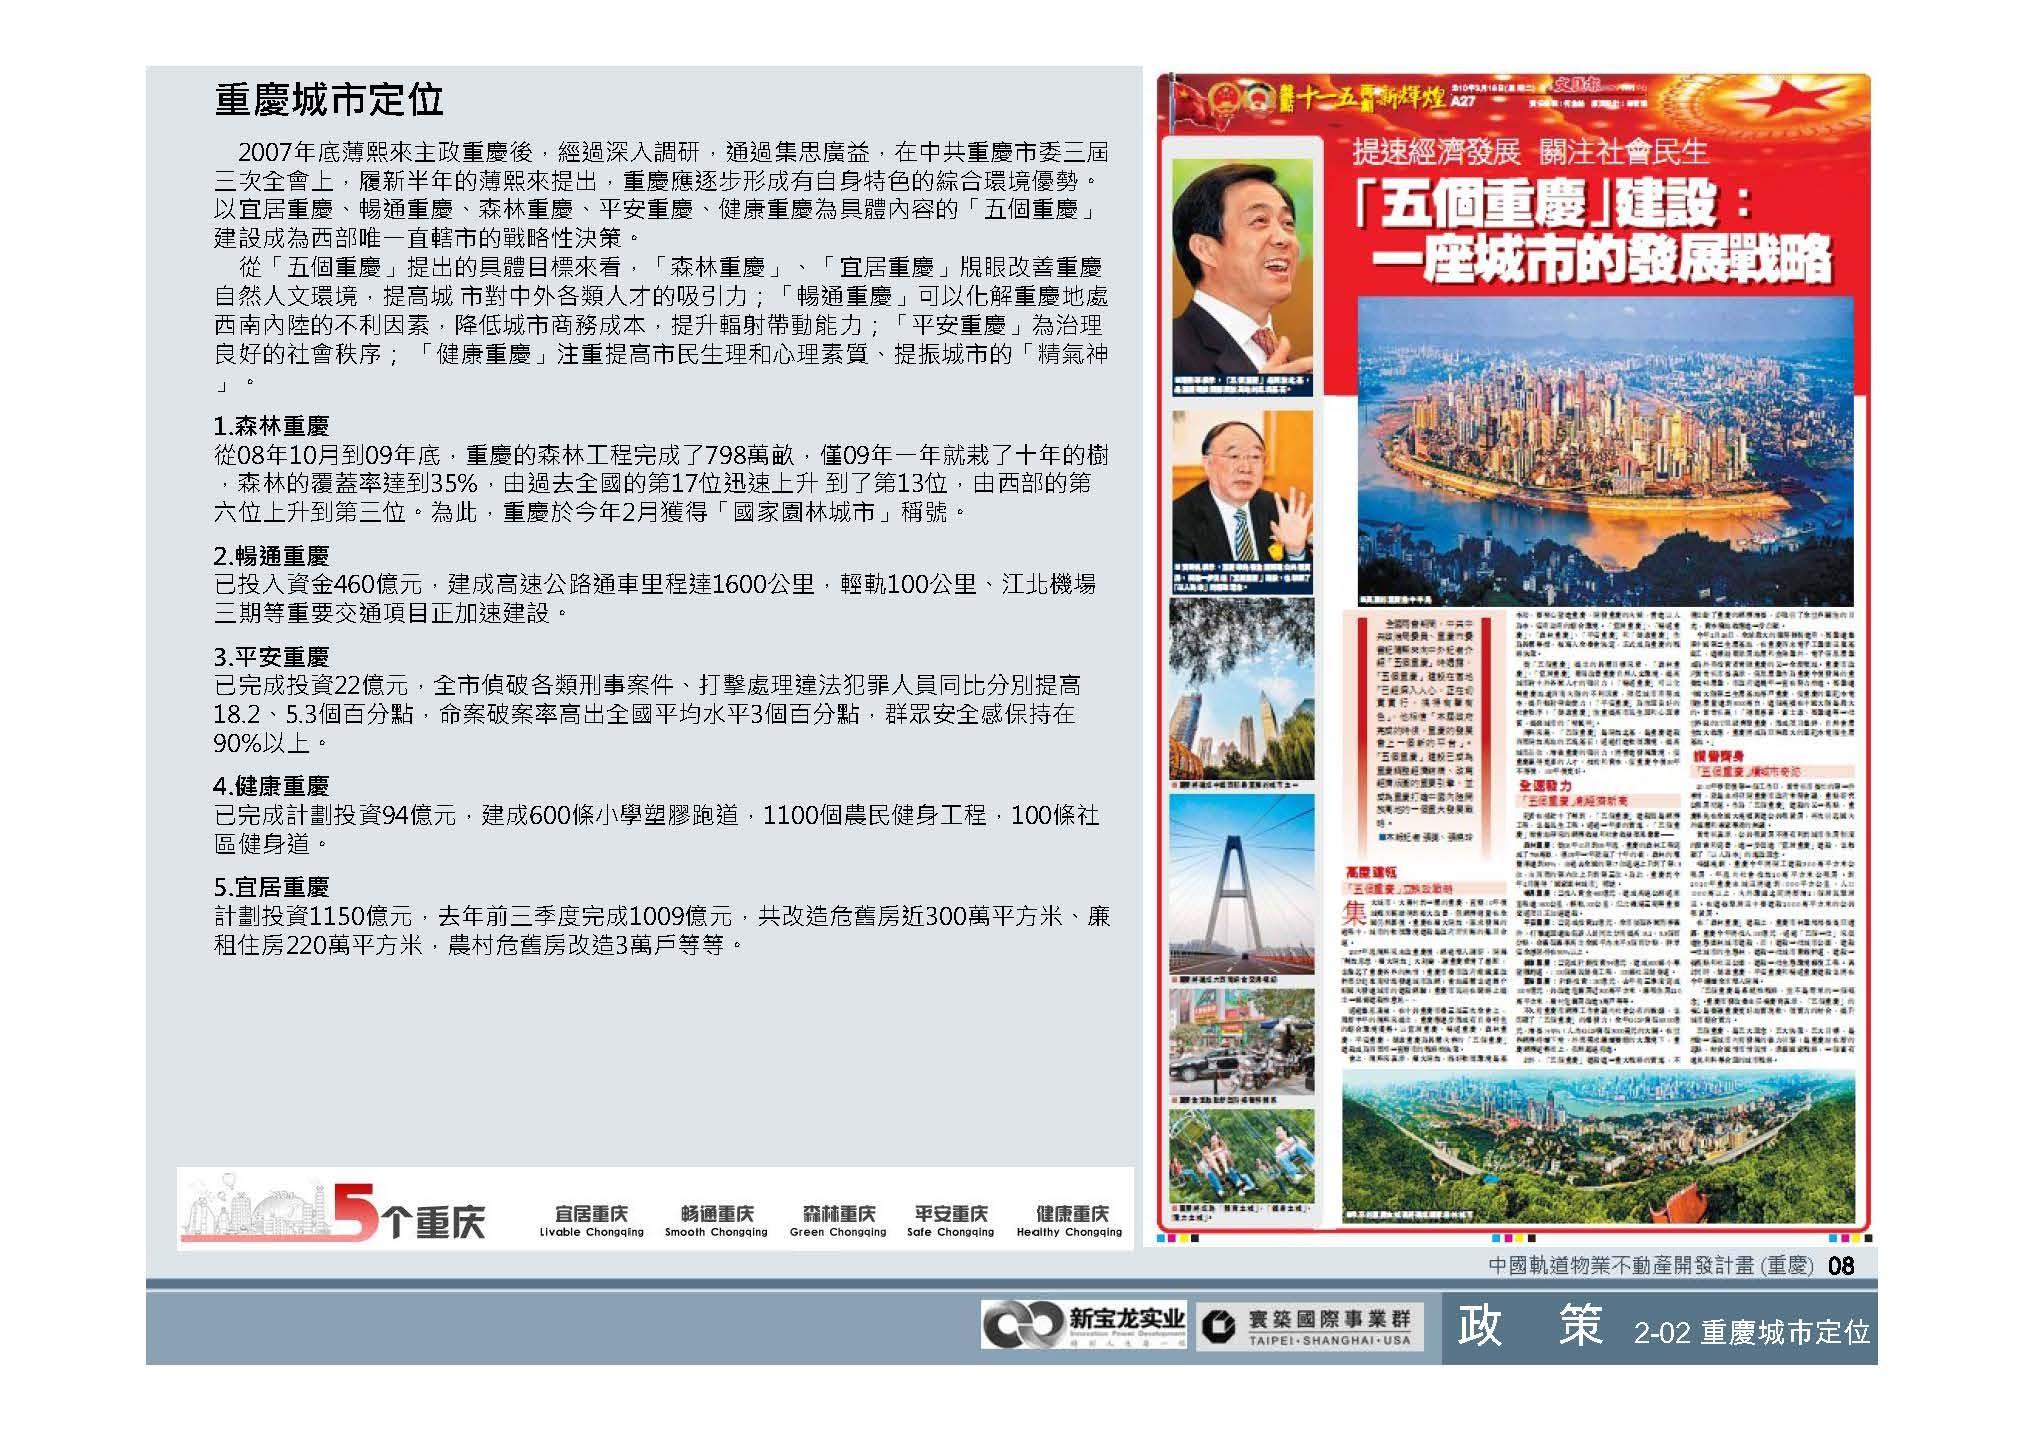 20100812-中國軌道物業不動產開發計畫(重慶)_頁面_09